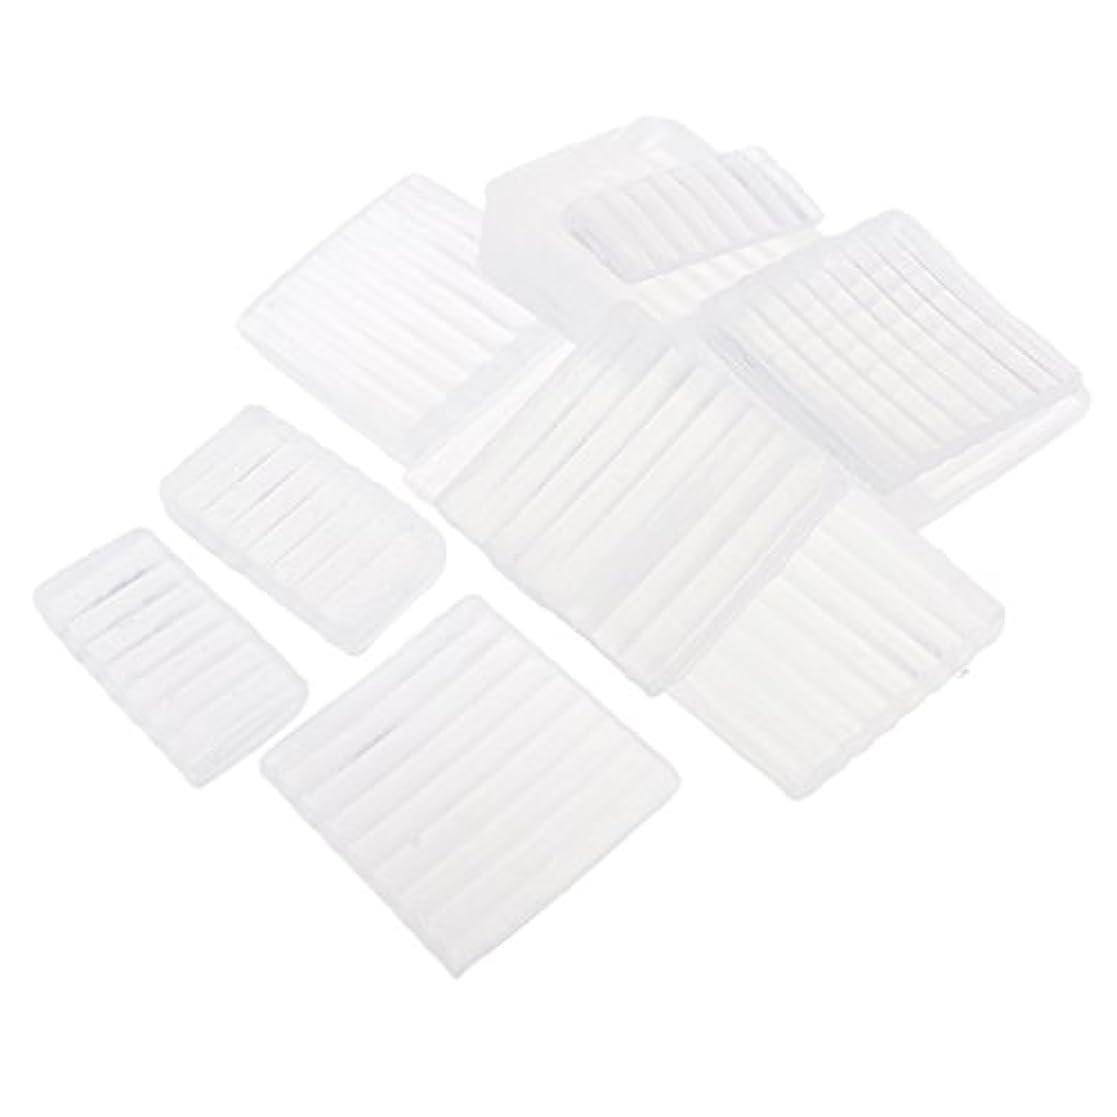 巻き戻すツイン海洋のPerfeclan 約500g ホワイト 透明 石鹸ベース DIY 手作り 石鹸 材料